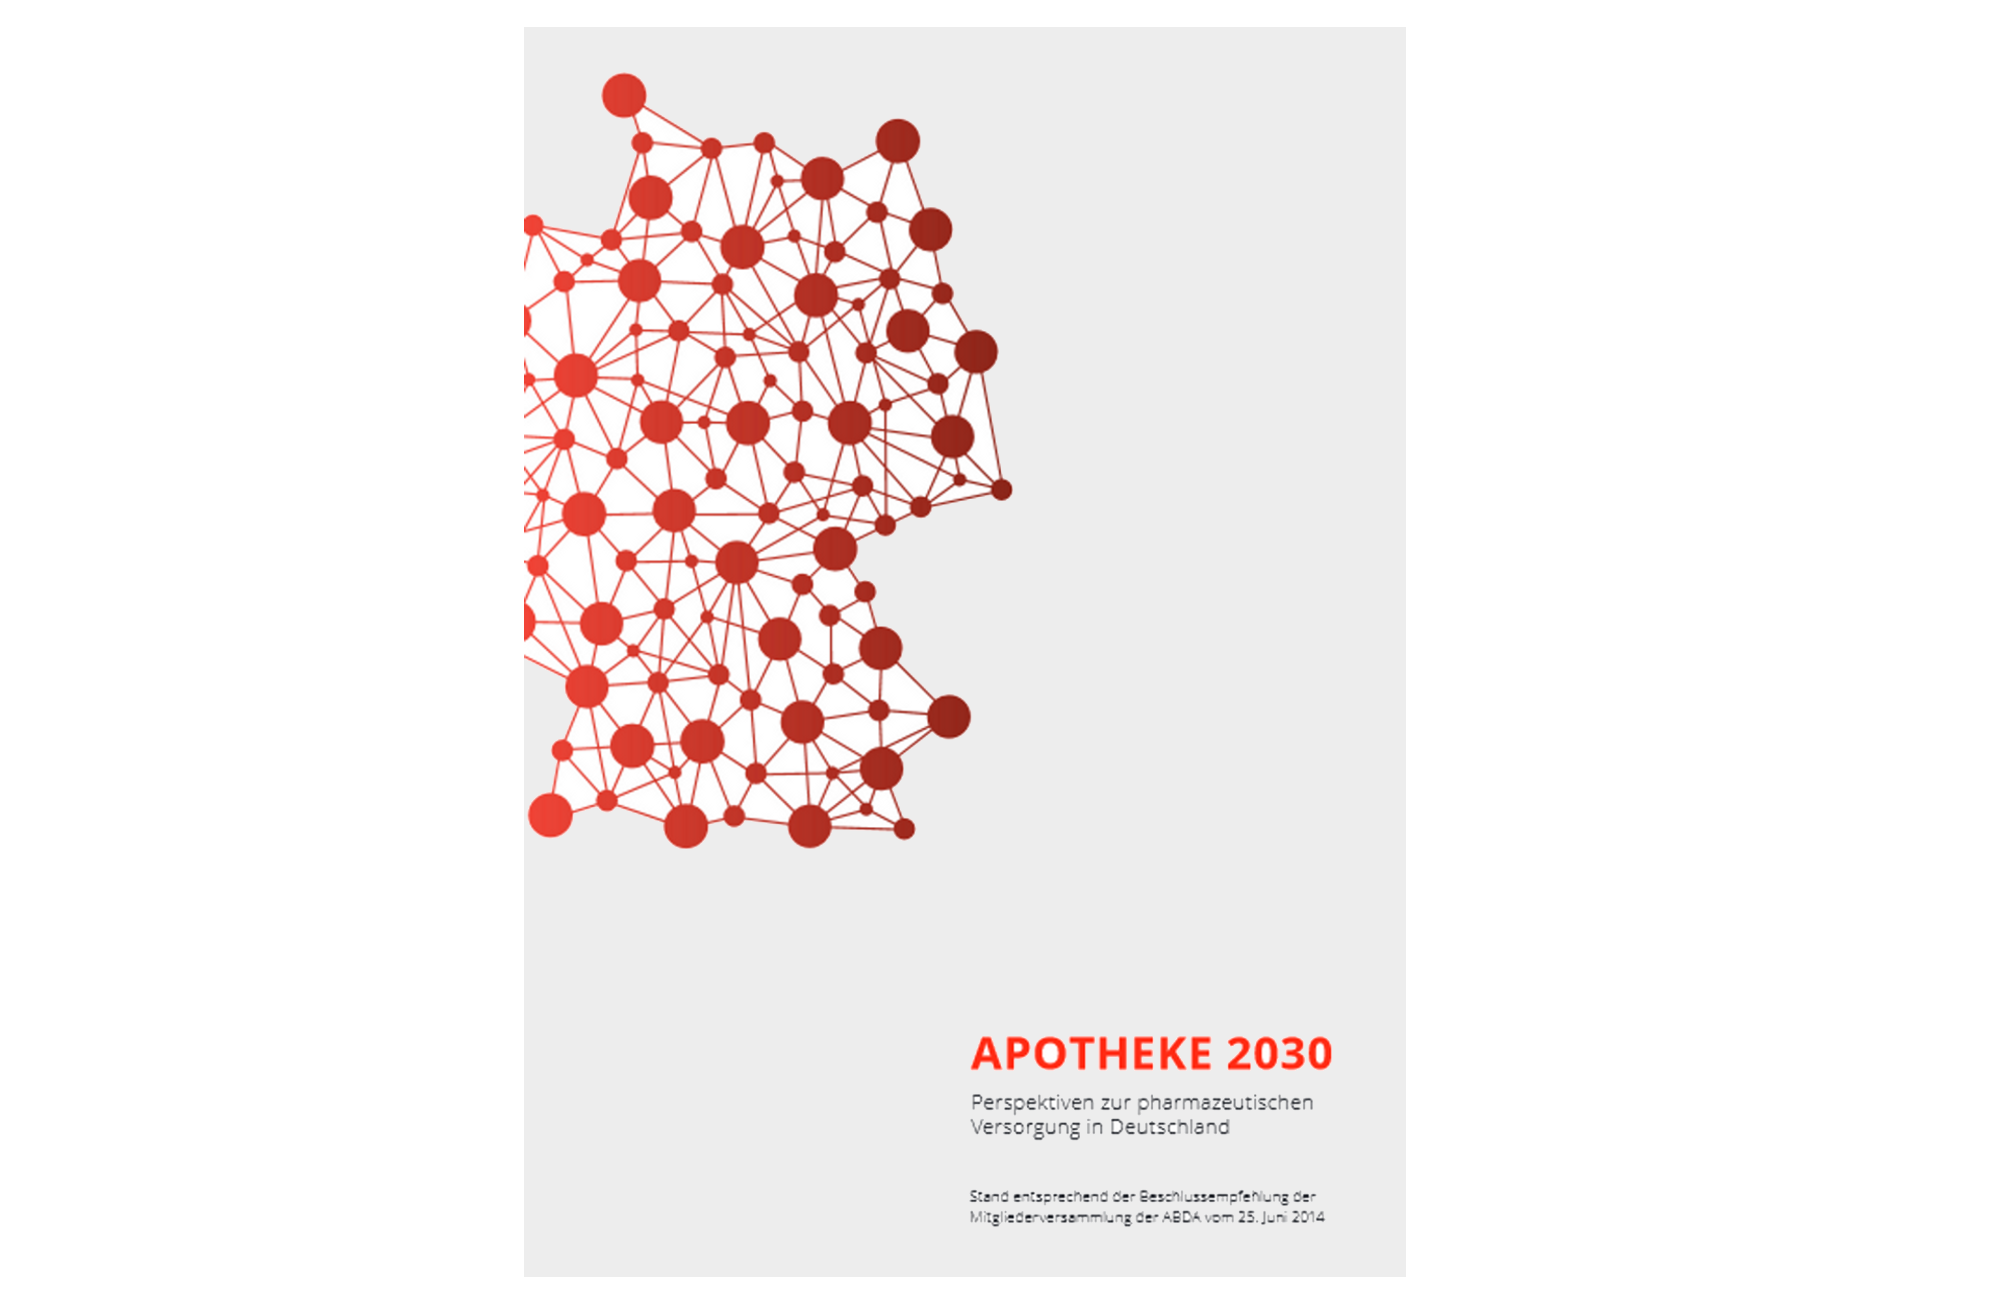 Perspektivpapier 2030 [gefärbt]